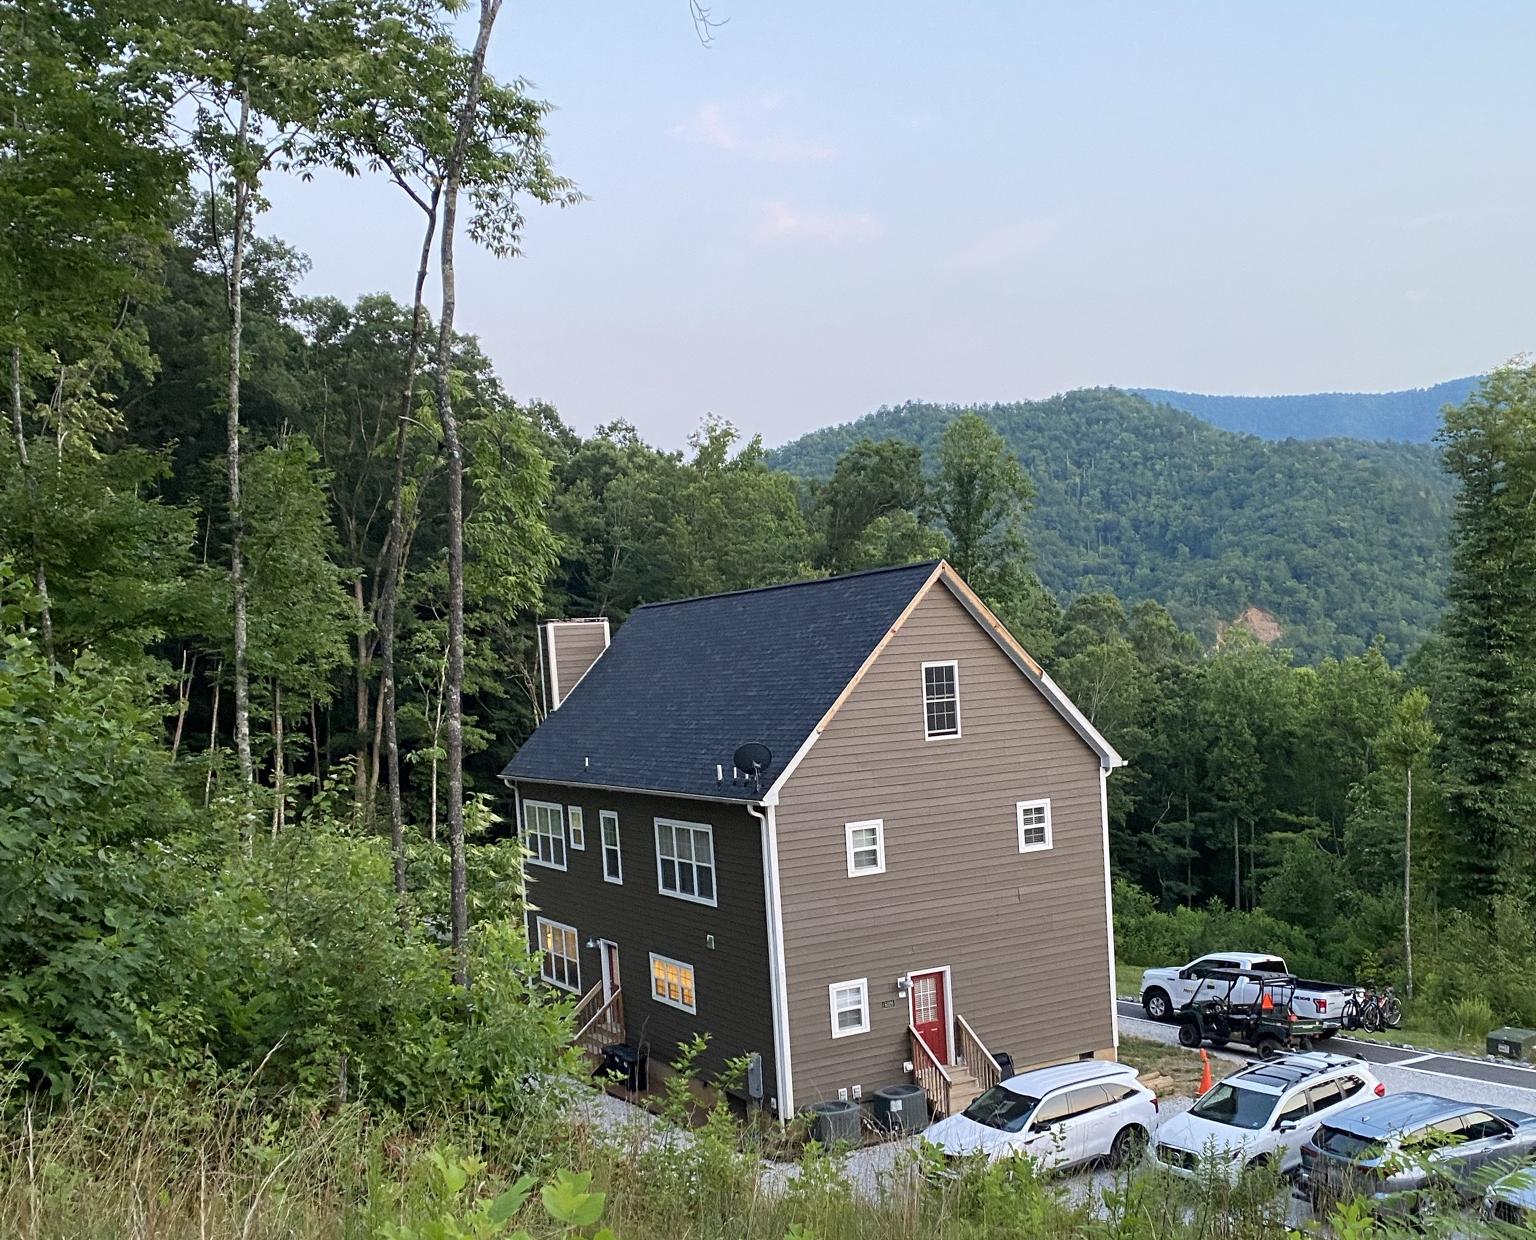 Vista da casa que ficamos hospedados durante o training camp.